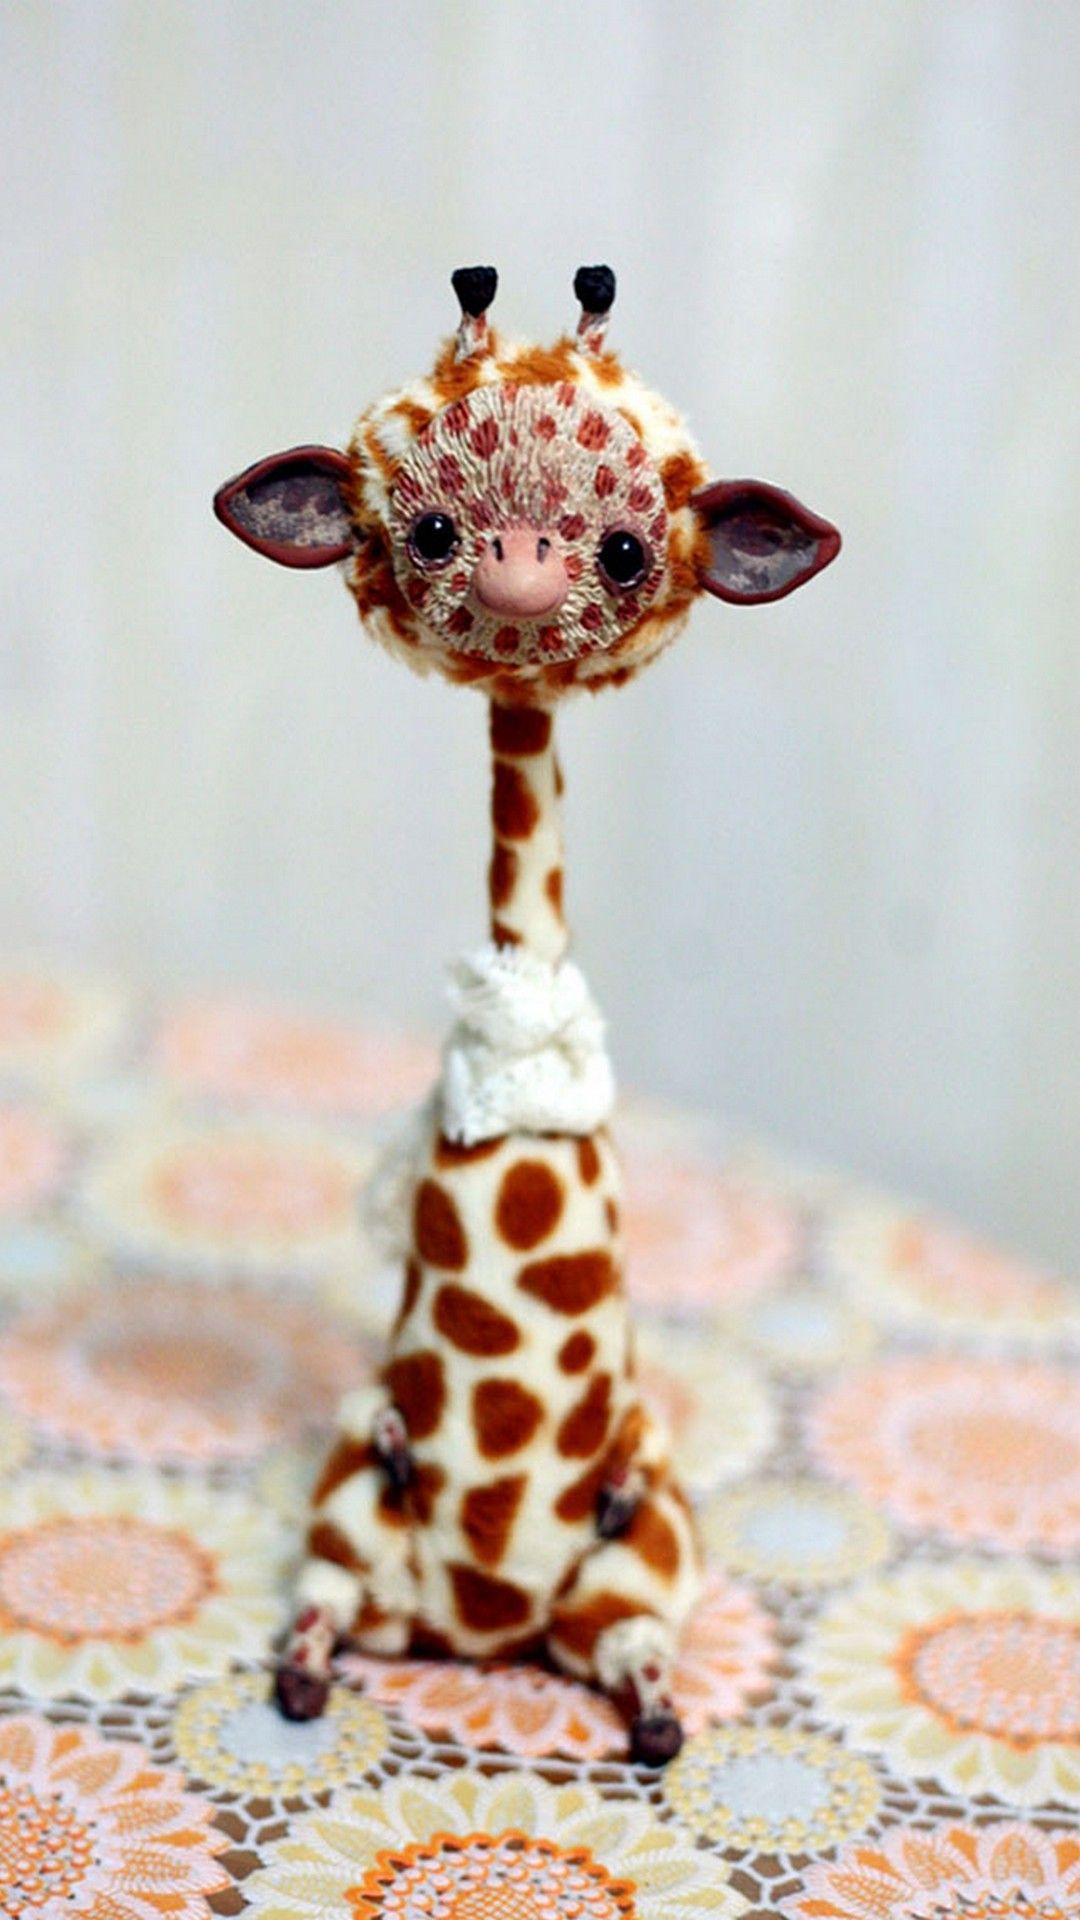 Iphone X Wallpaper Cute Giraffe Best Hd Wallpapers